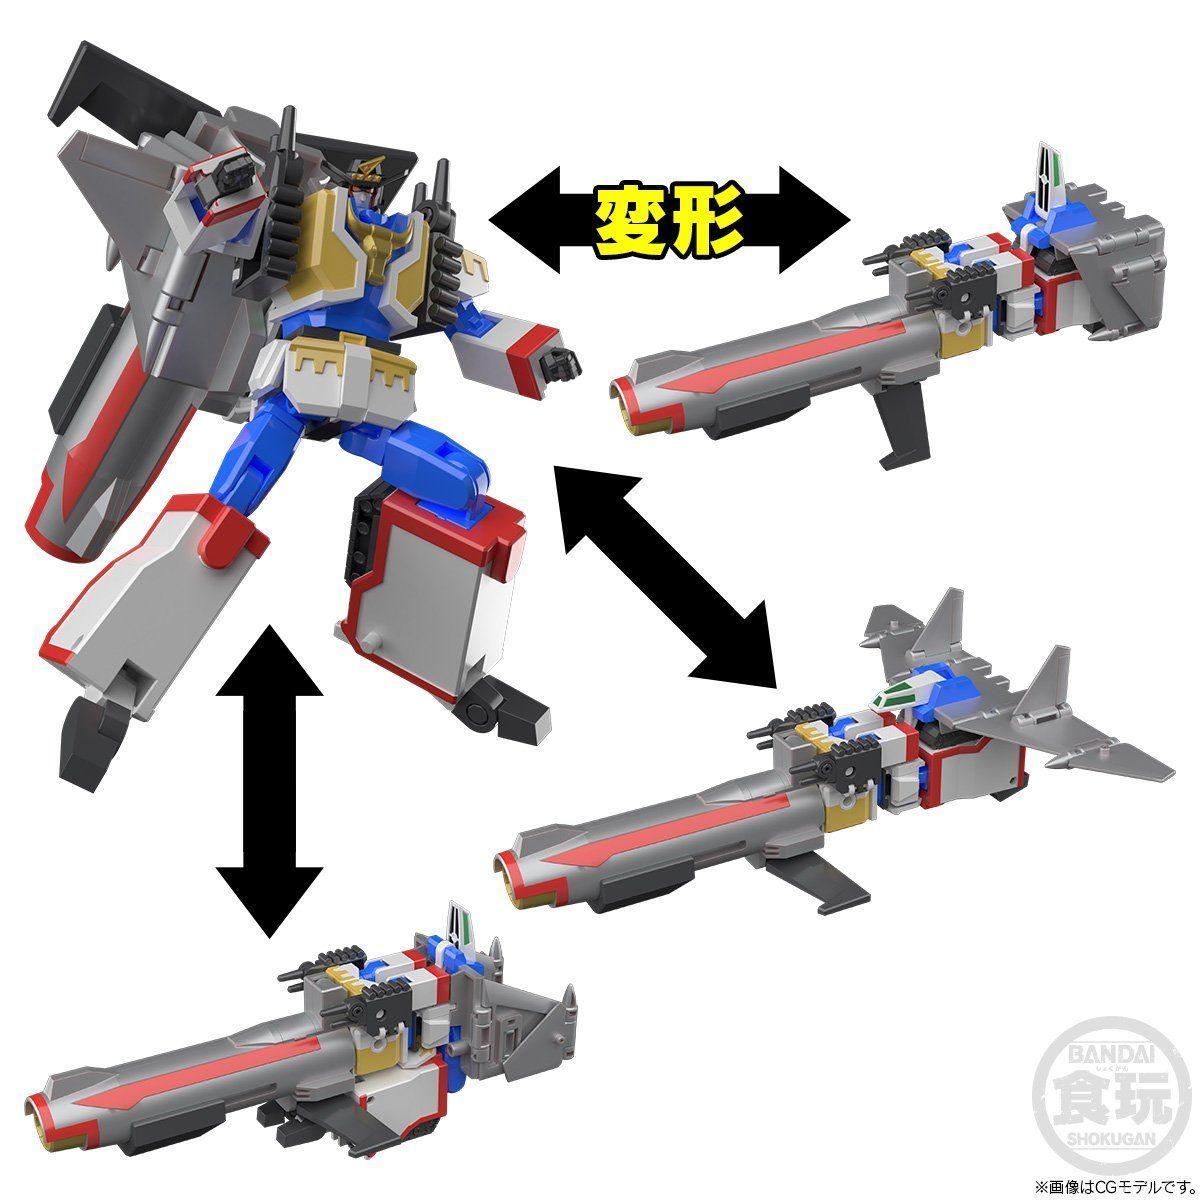 【食玩】スーパーミニプラ『勇者指令ダグオン2』勇者指令ダグオン 3個入りBOX-015